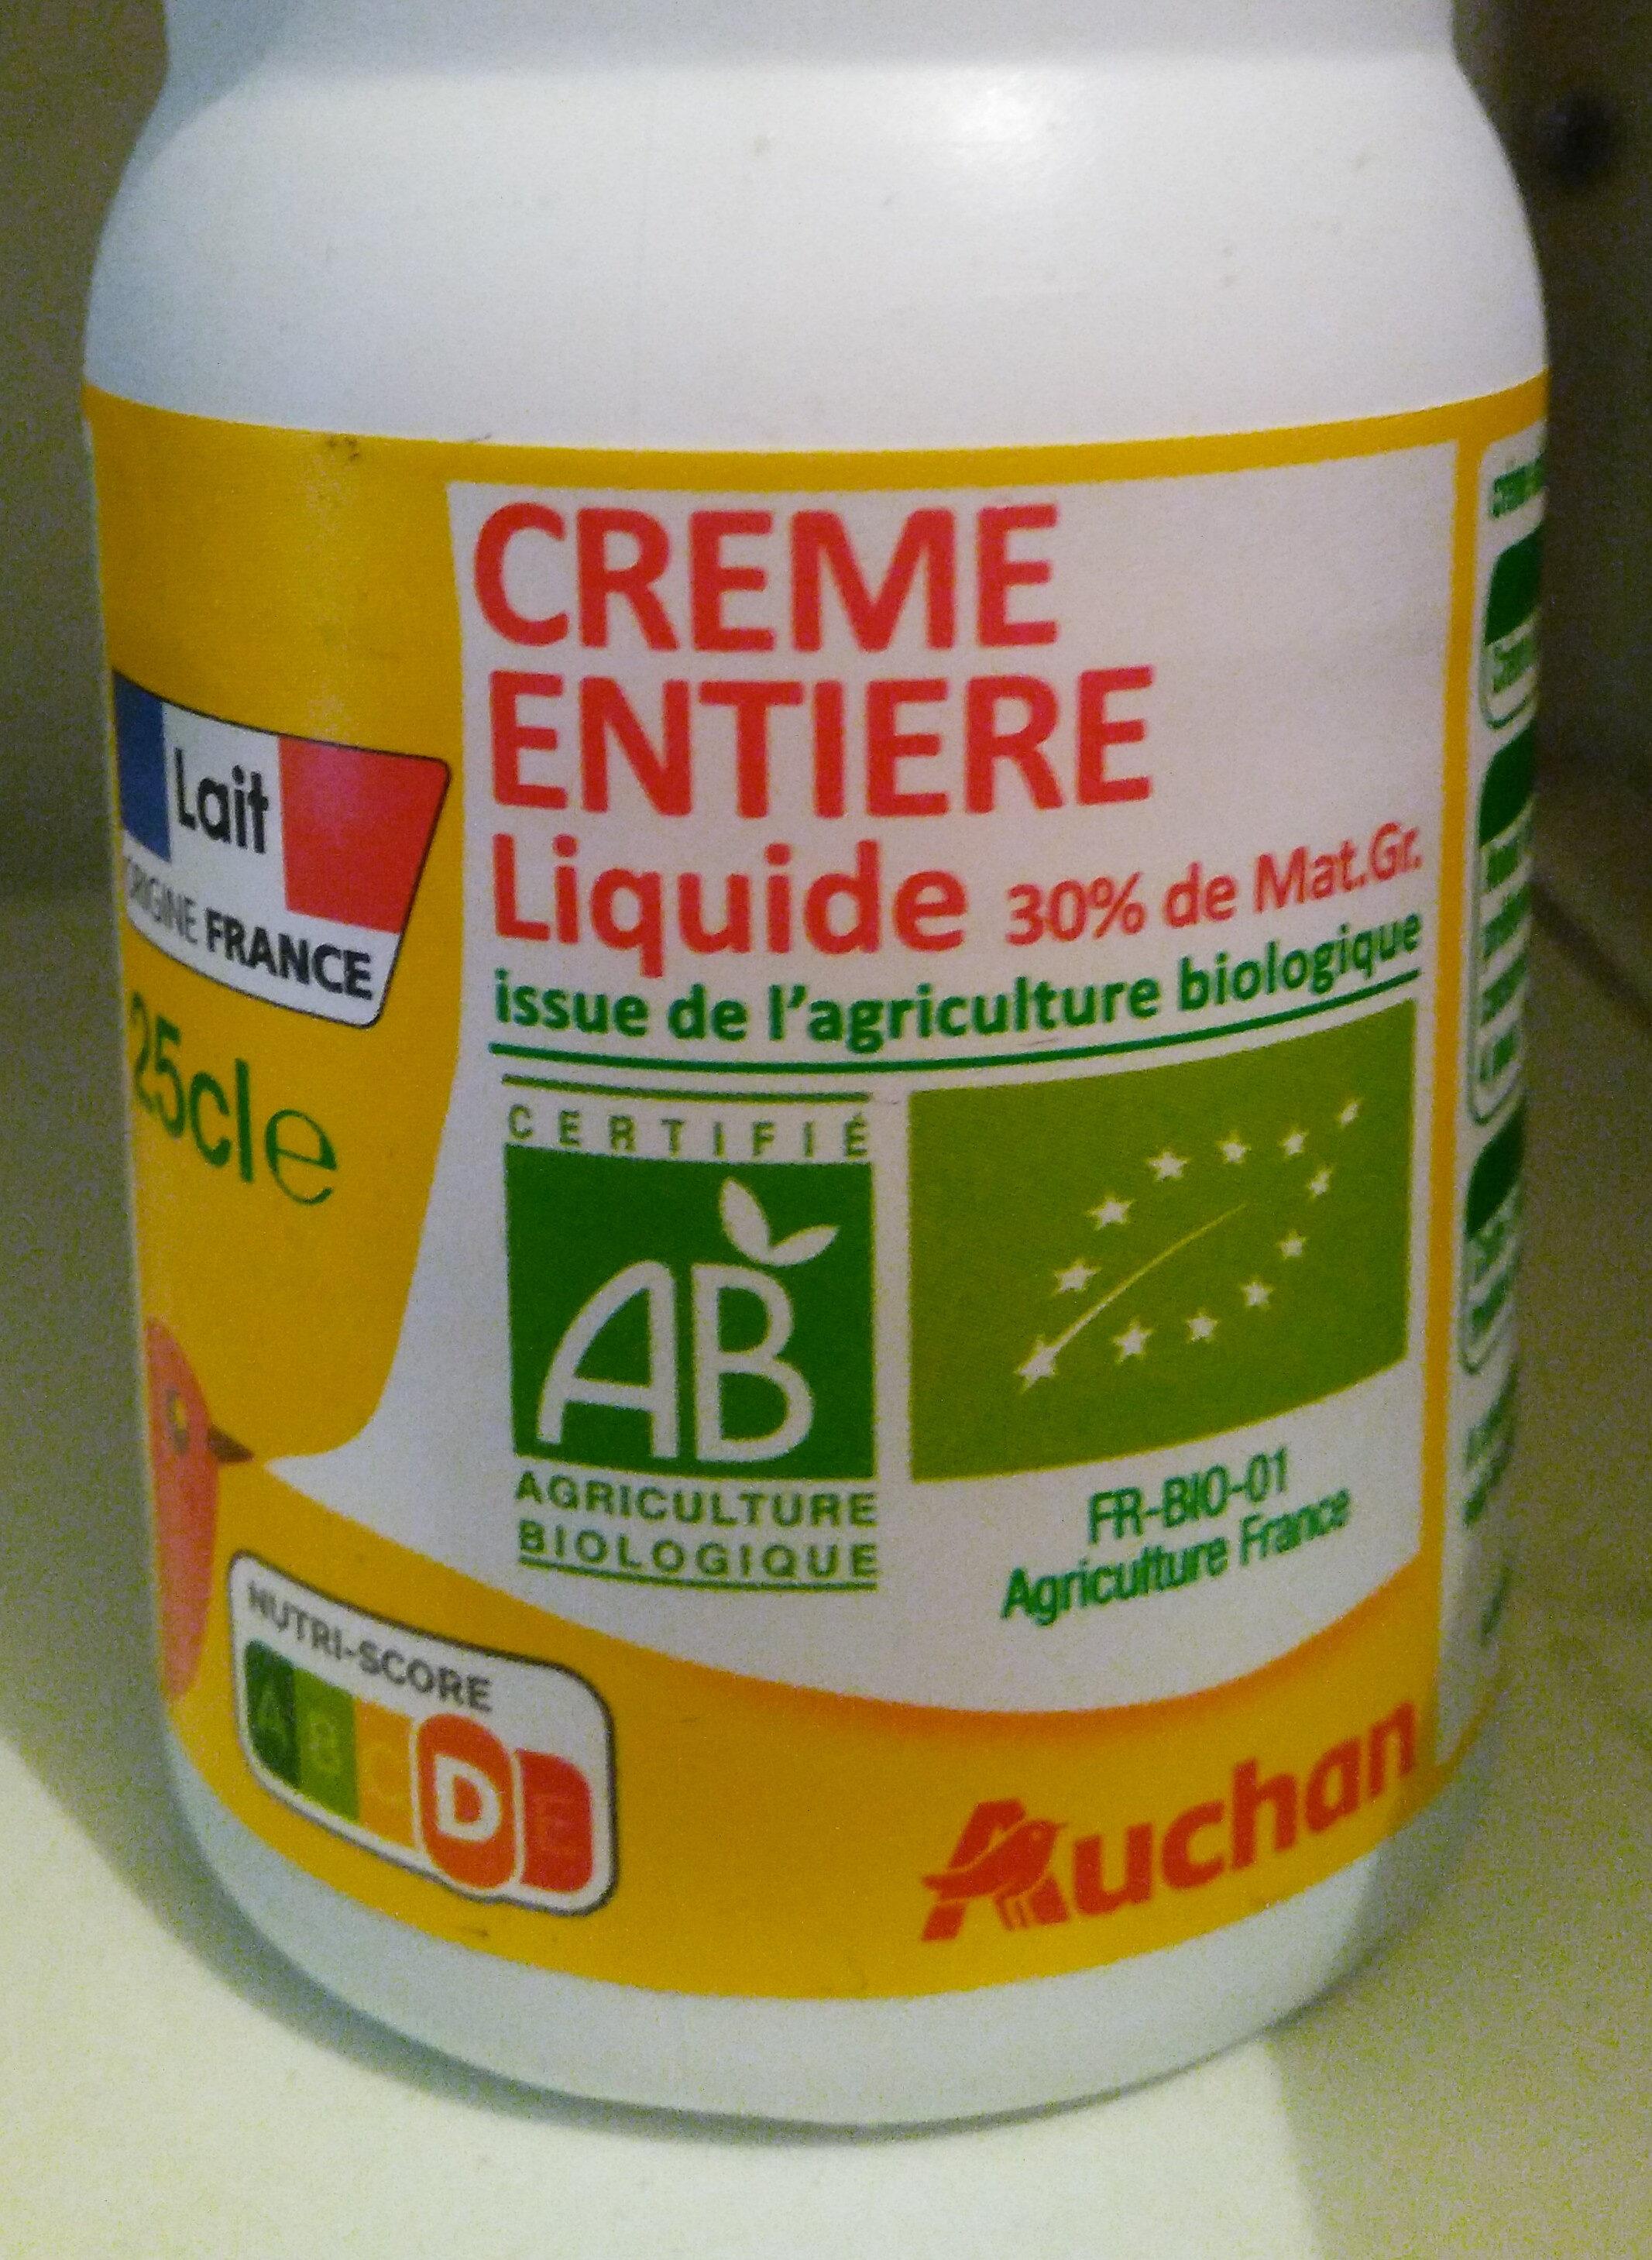 Bio creme fluide - Produit - fr